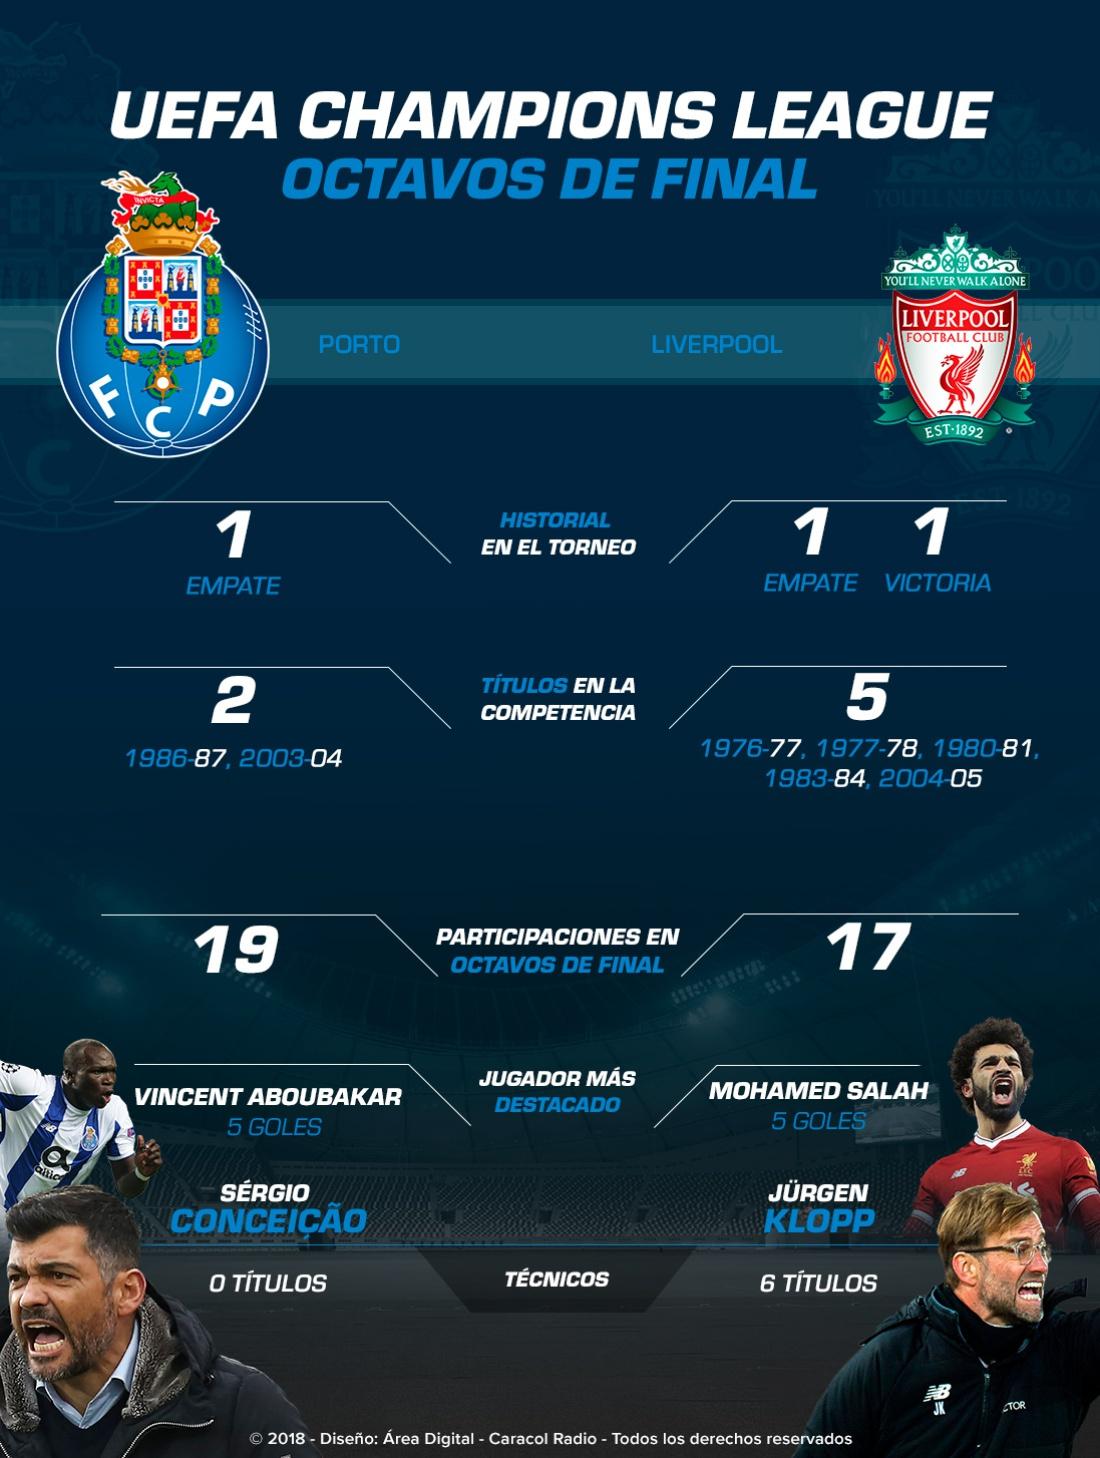 Porto Liverpool Liga de Campeones: Porto Vs. Liverpool, un duelo con pronóstico reservado